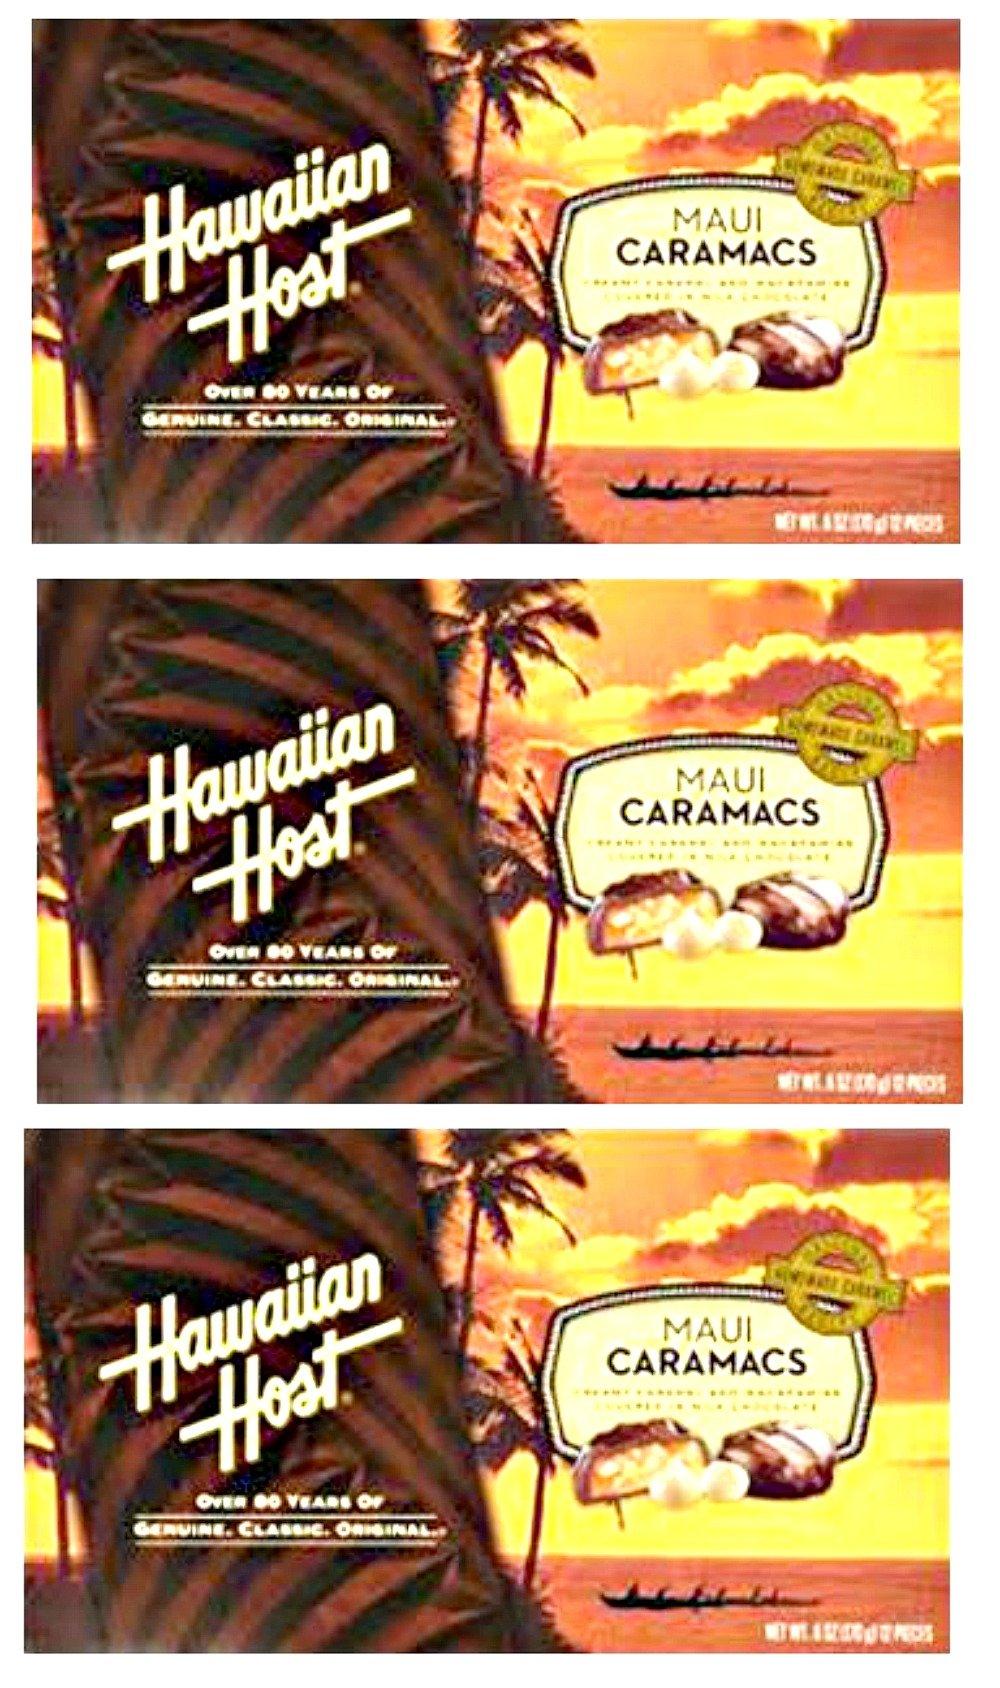 Hawaiian Host Value Pack Macadamia Nuts Maui Caramacs 3 Boxes by Hawaiian Host